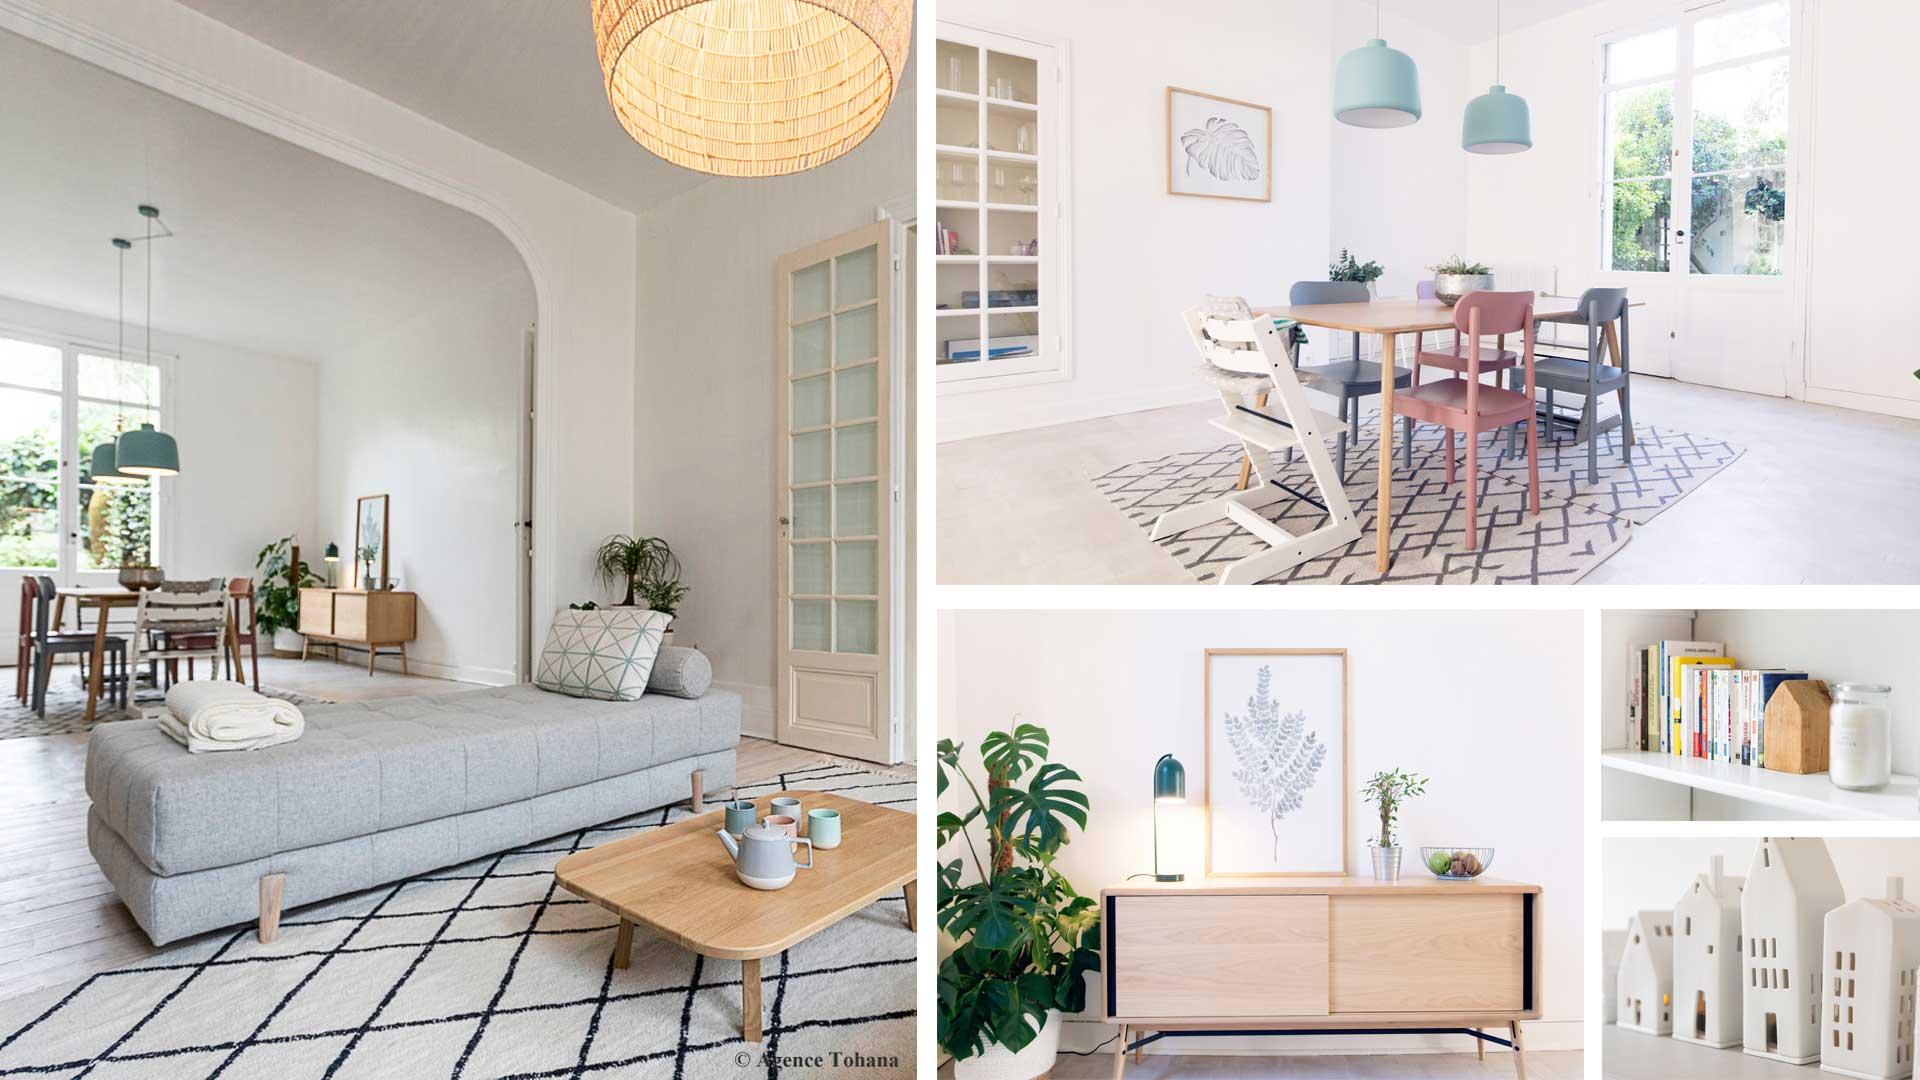 Projets d'architecture intérieure et décoration de maisons et d'appartements